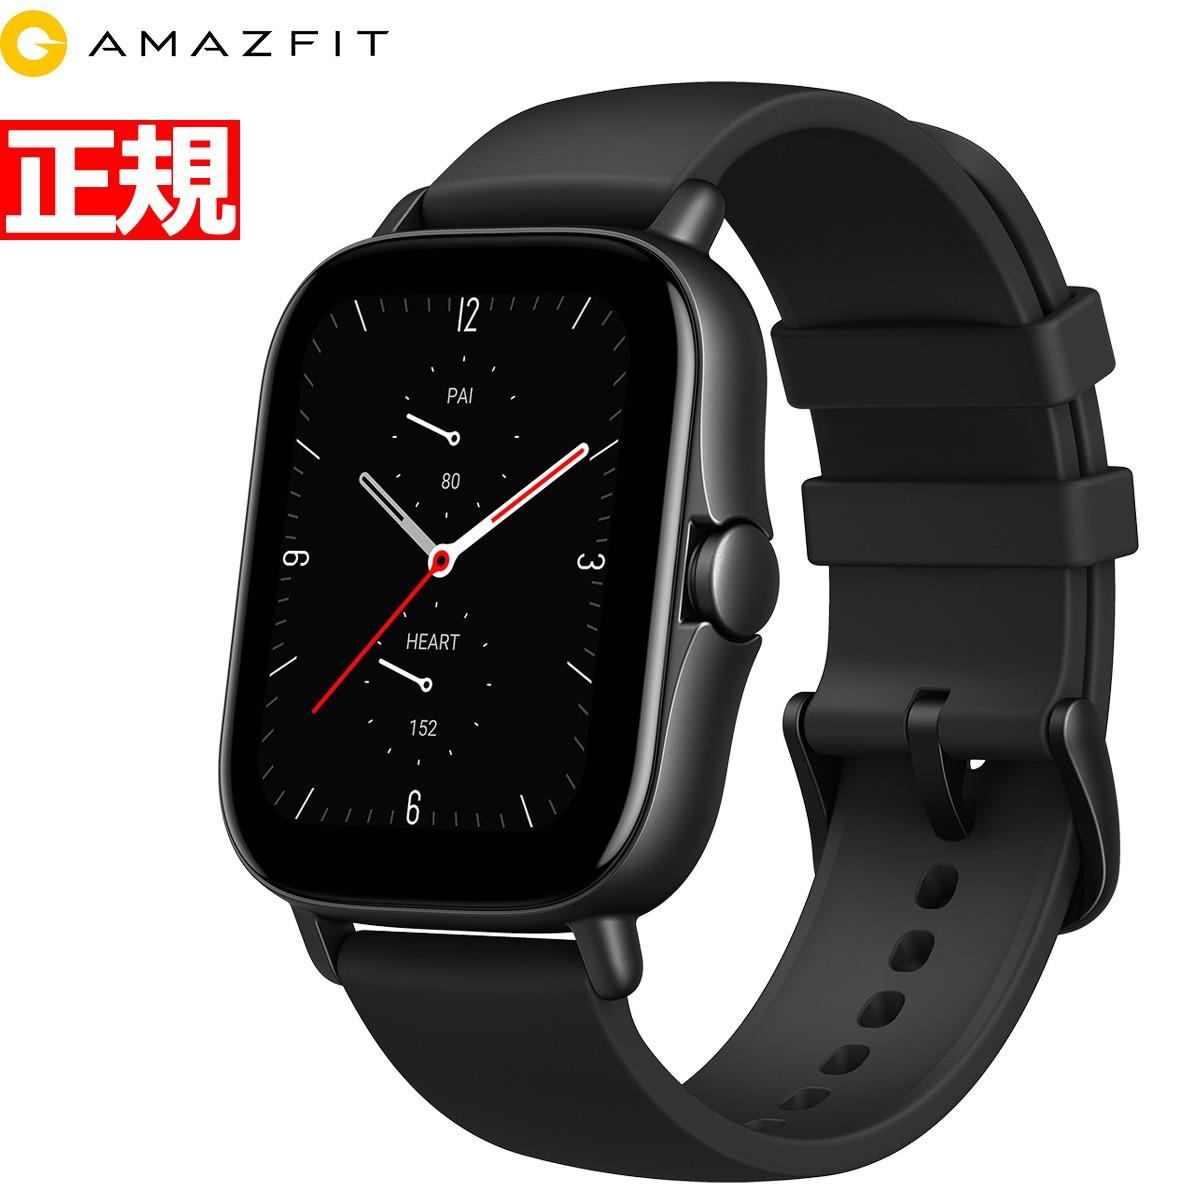 アマズフィット AMZFIT スマートウォッチ GTS2e オブシディアンブラック GPS 腕時計 メンズ レディース SP170034C01